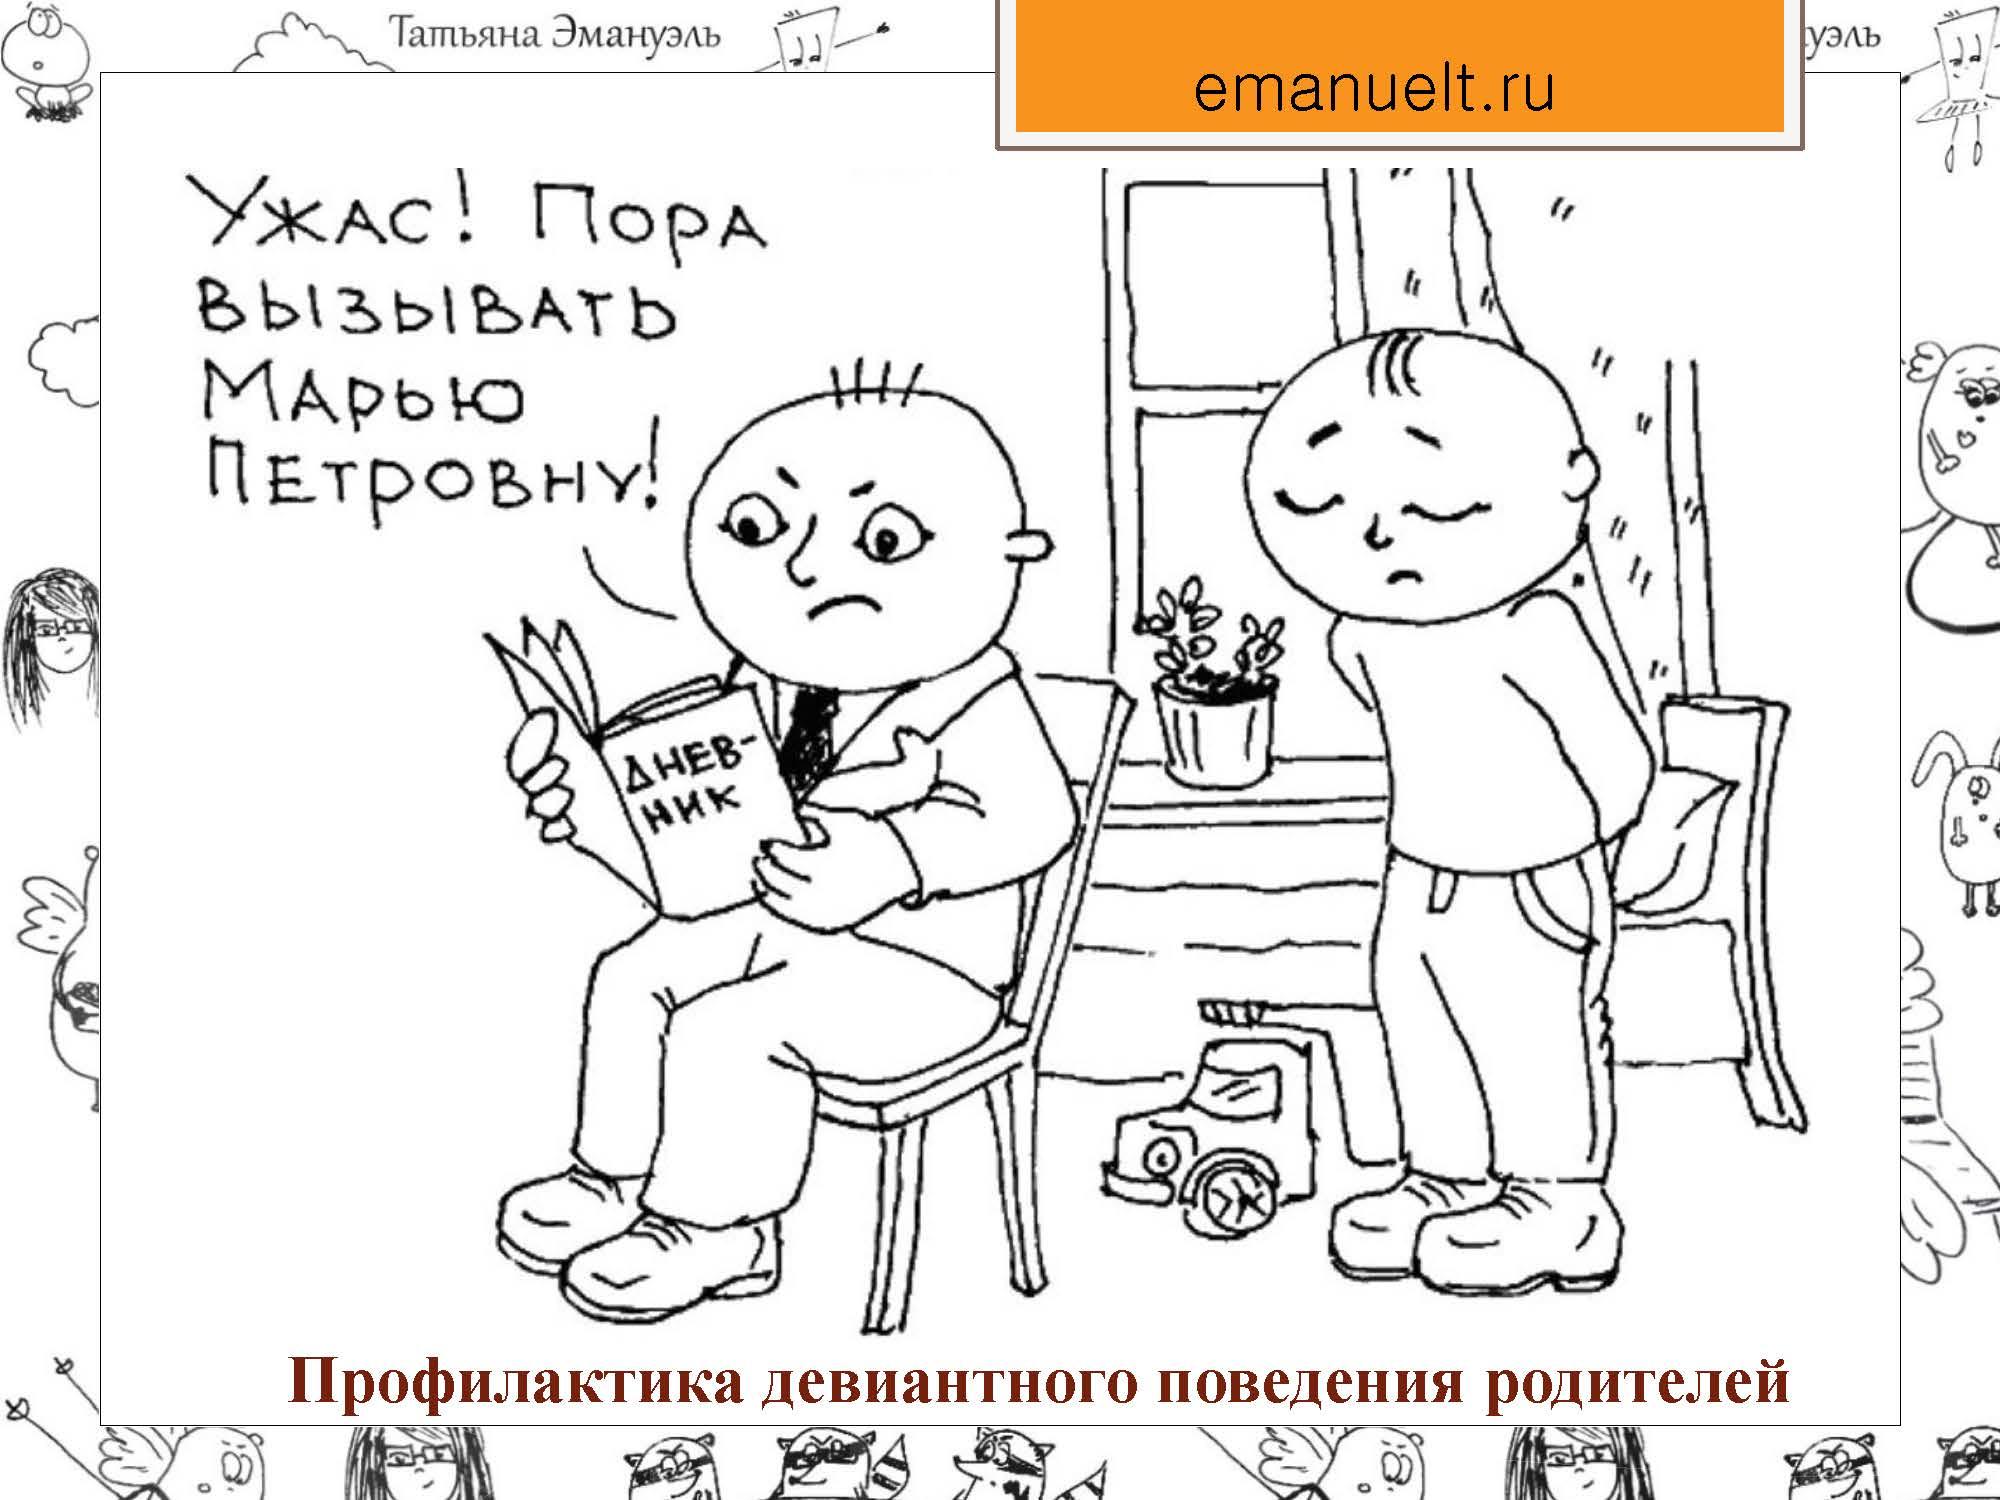 секция 8. Эмануэль Т.С., Московский район_Страница_04